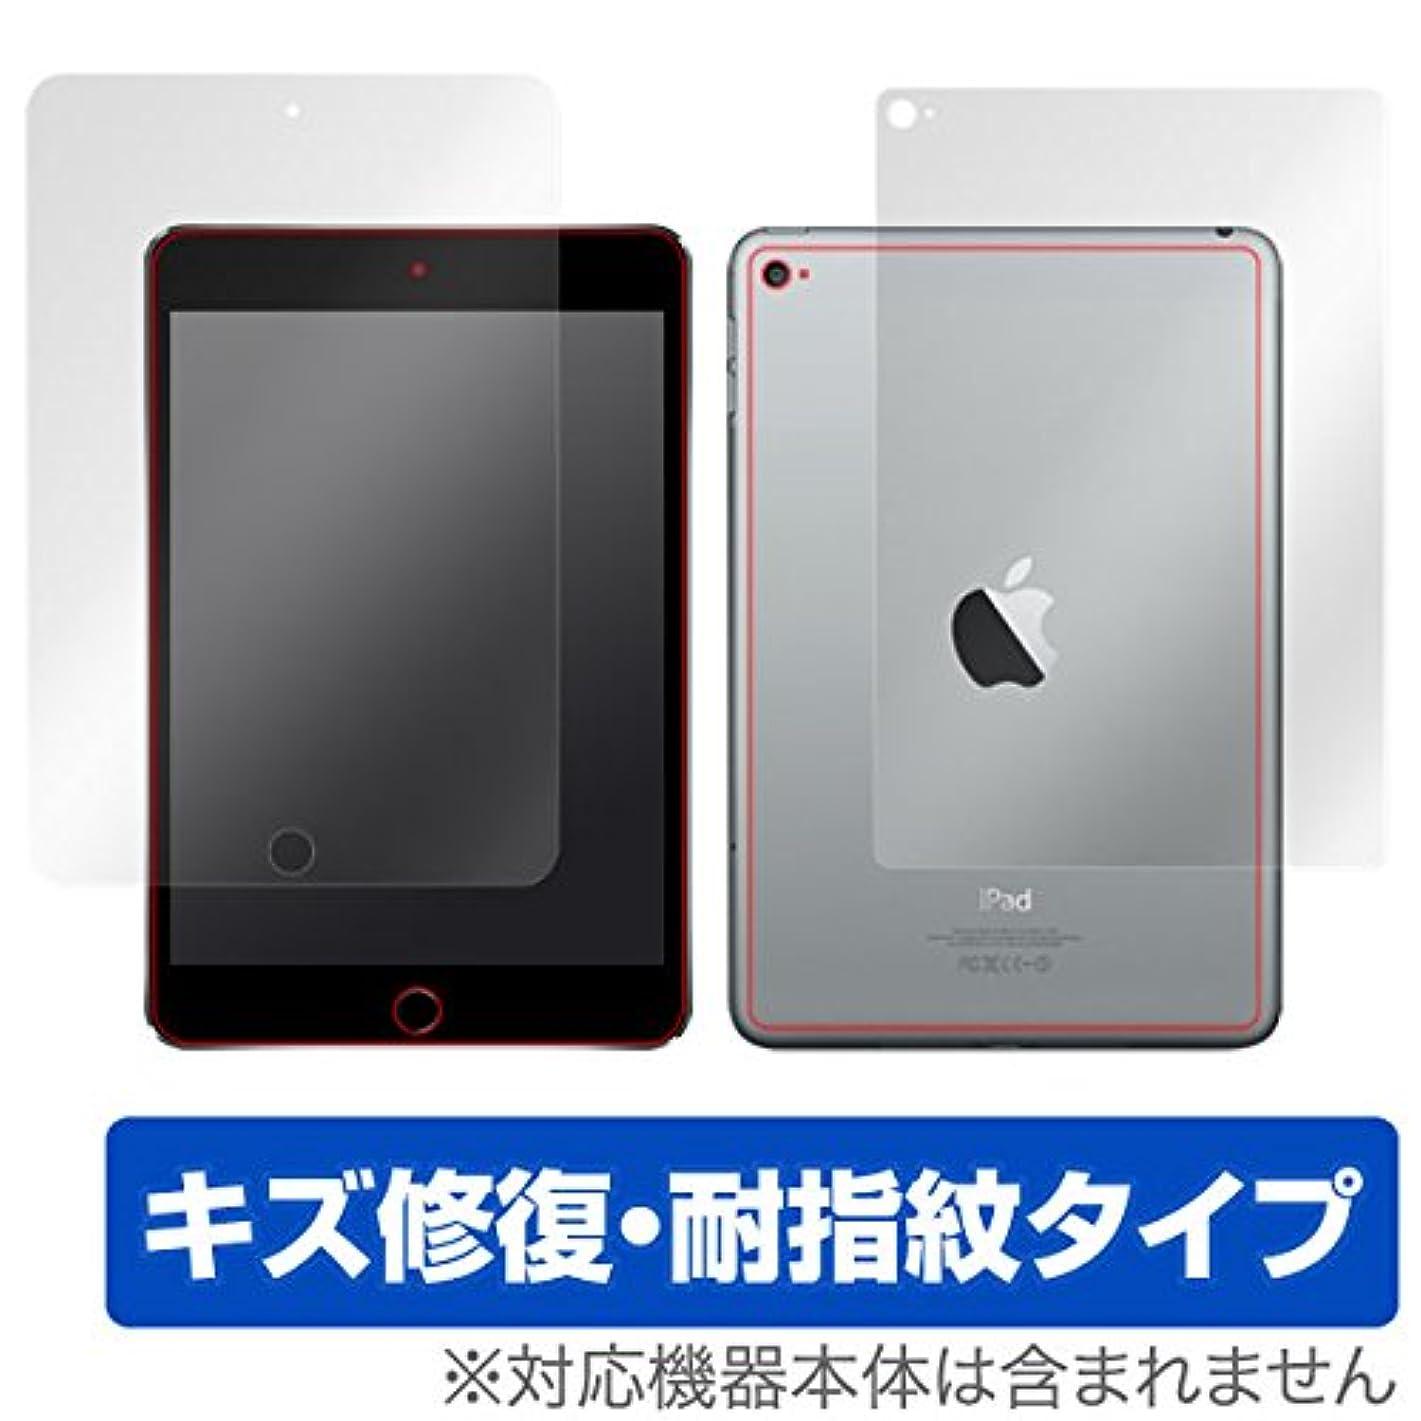 連帯いたずらスラダムOverLay Magic for iPad mini 4 (Wi-Fiモデル) 『表?裏両面セット』 傷修復 耐指紋 防指紋 液晶 保護 シート フィルム プロテクター 第四世代 第4世代 OMIPADM4/S/4